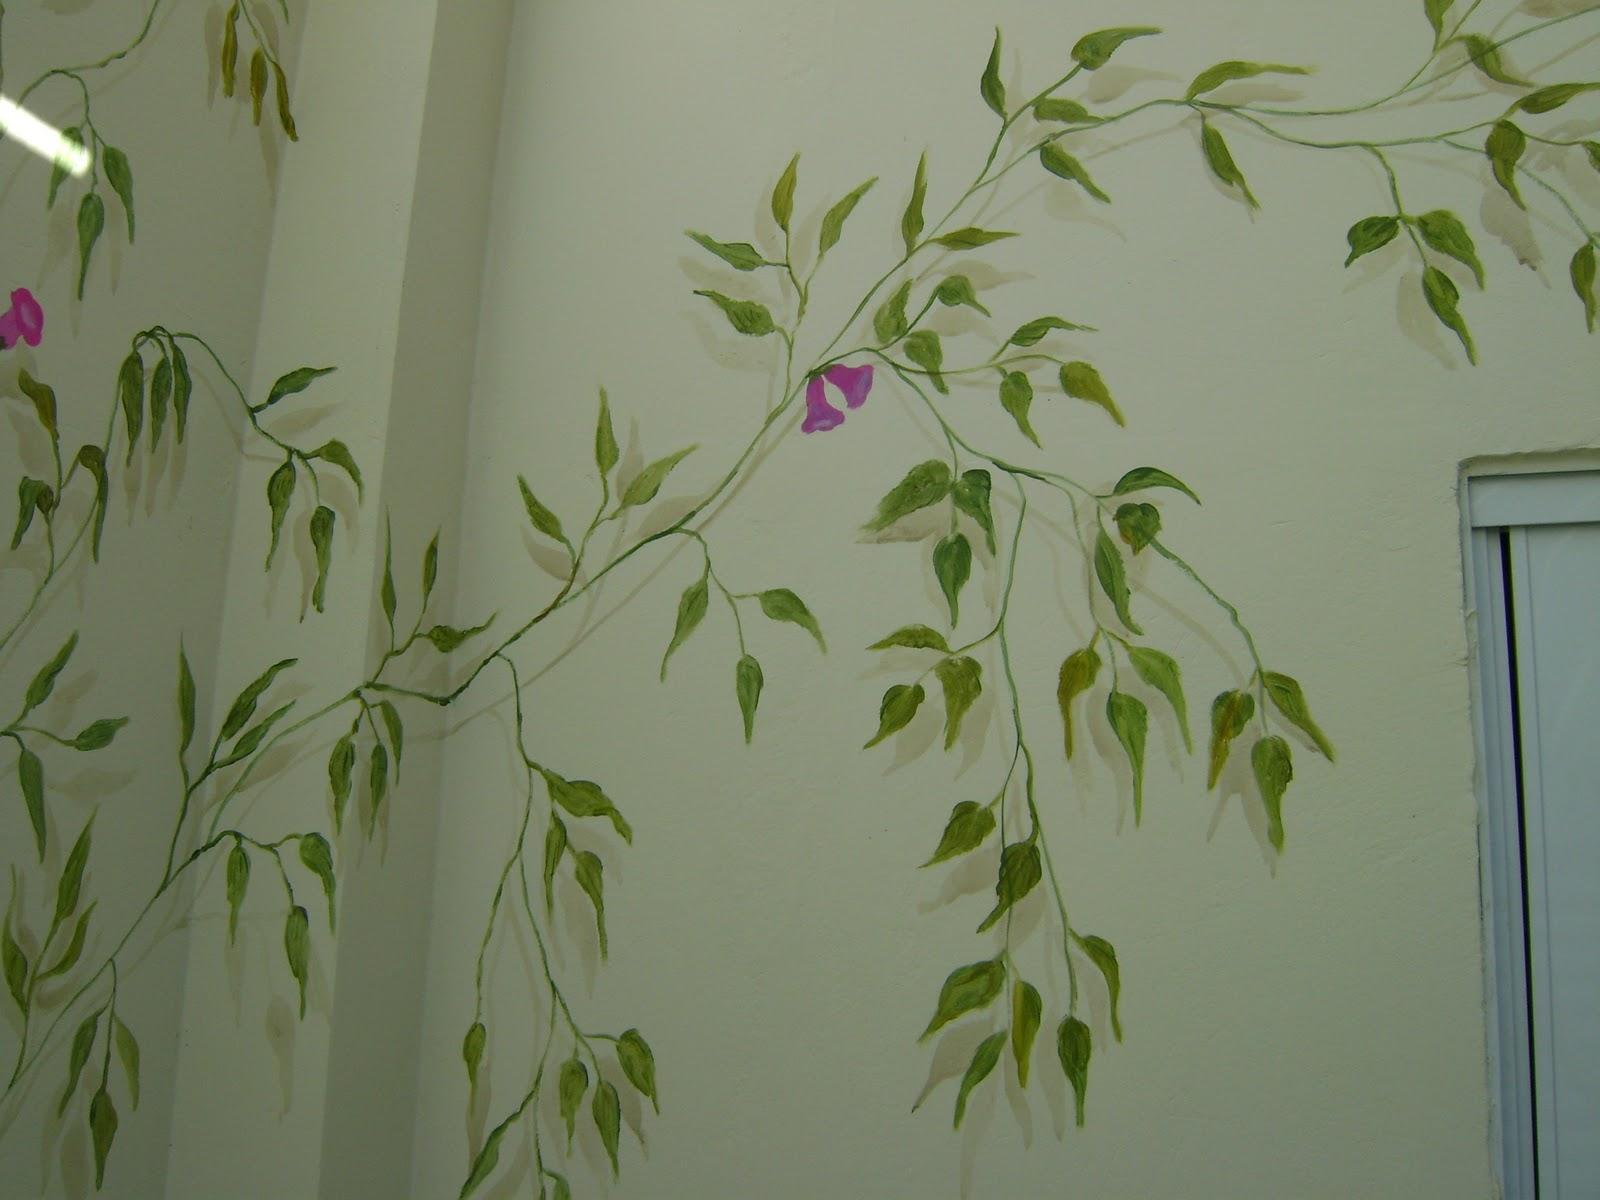 #384717 Capela de Vidro: Fonte no jardim de inverno 224 Janelas De Vidro Para Jardim De Inverno